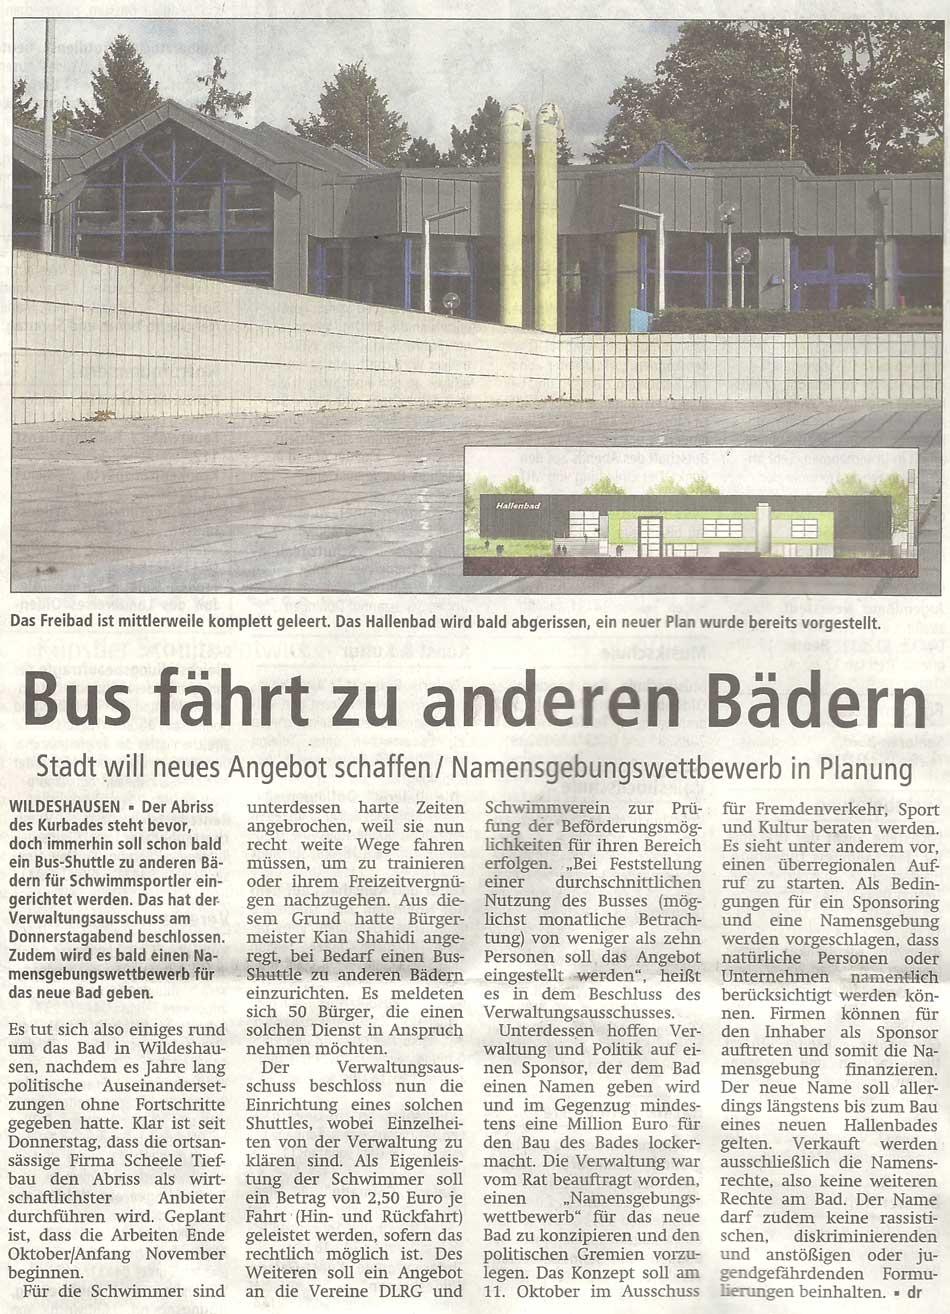 Bus fährt zu anderen BädernStadt will neues Angebot schaffen / Namensgebungswettbewerb in PlanungArtikel vom 06.10.2012 (WZ)